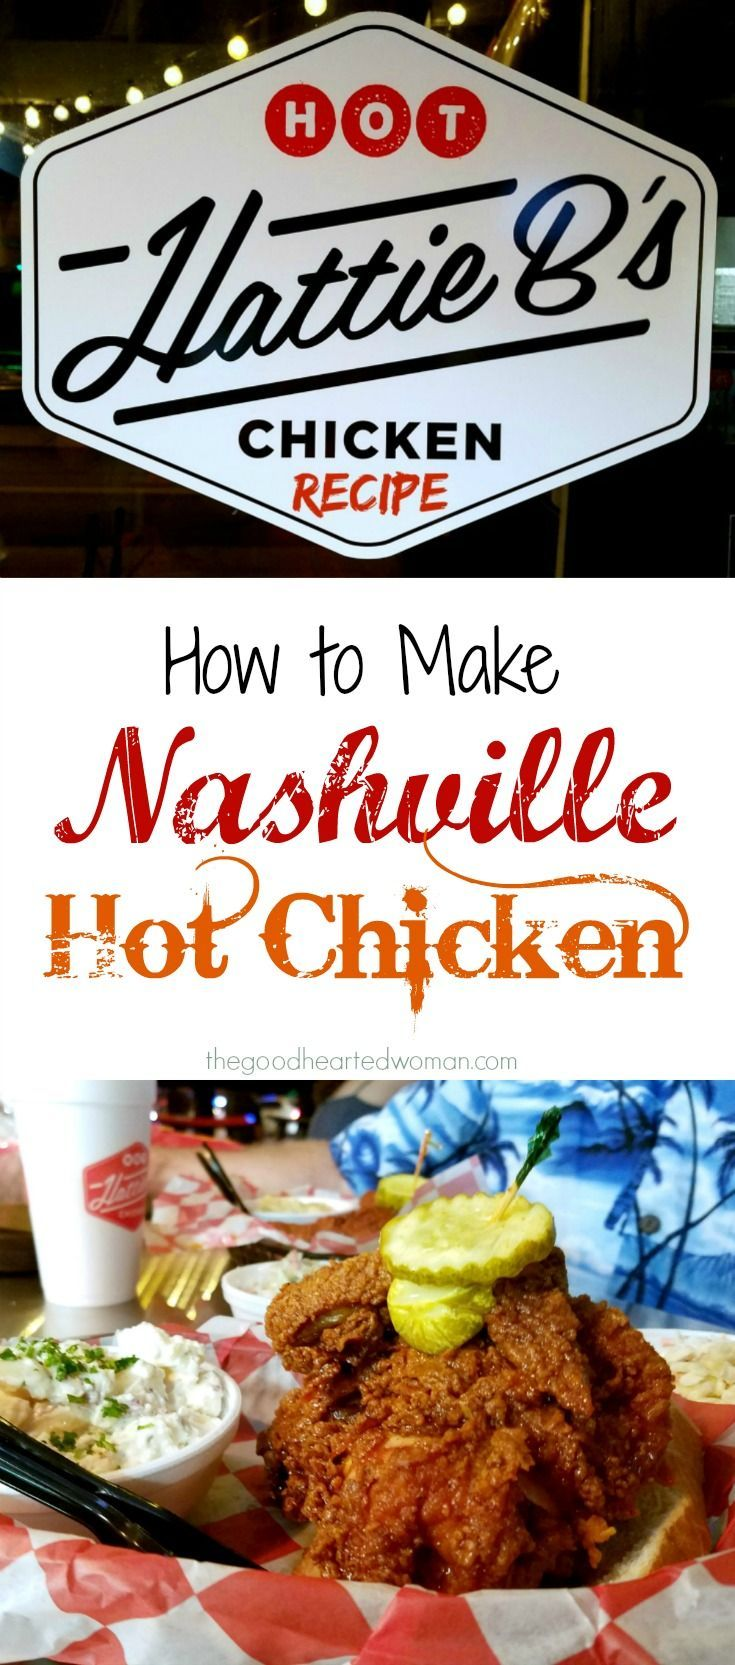 nashville hot chicken recipe nashville hot chicken recipe food recipes chicken recipes pinterest